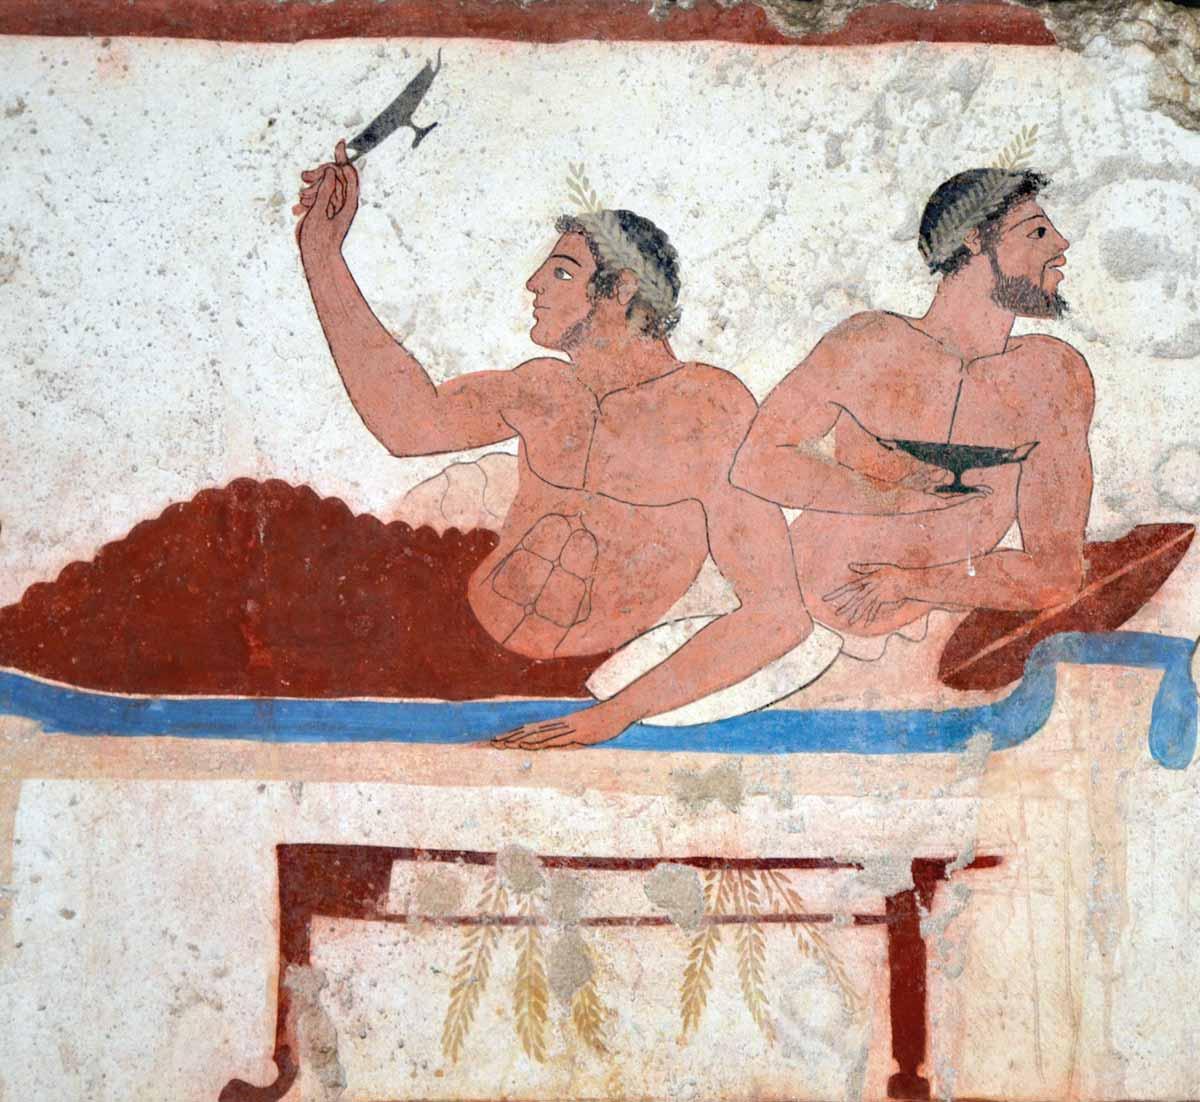 Dos asistentes a un banquete en una escena de la tumba del Nadador, en Posidonia, h. 470 a.C.